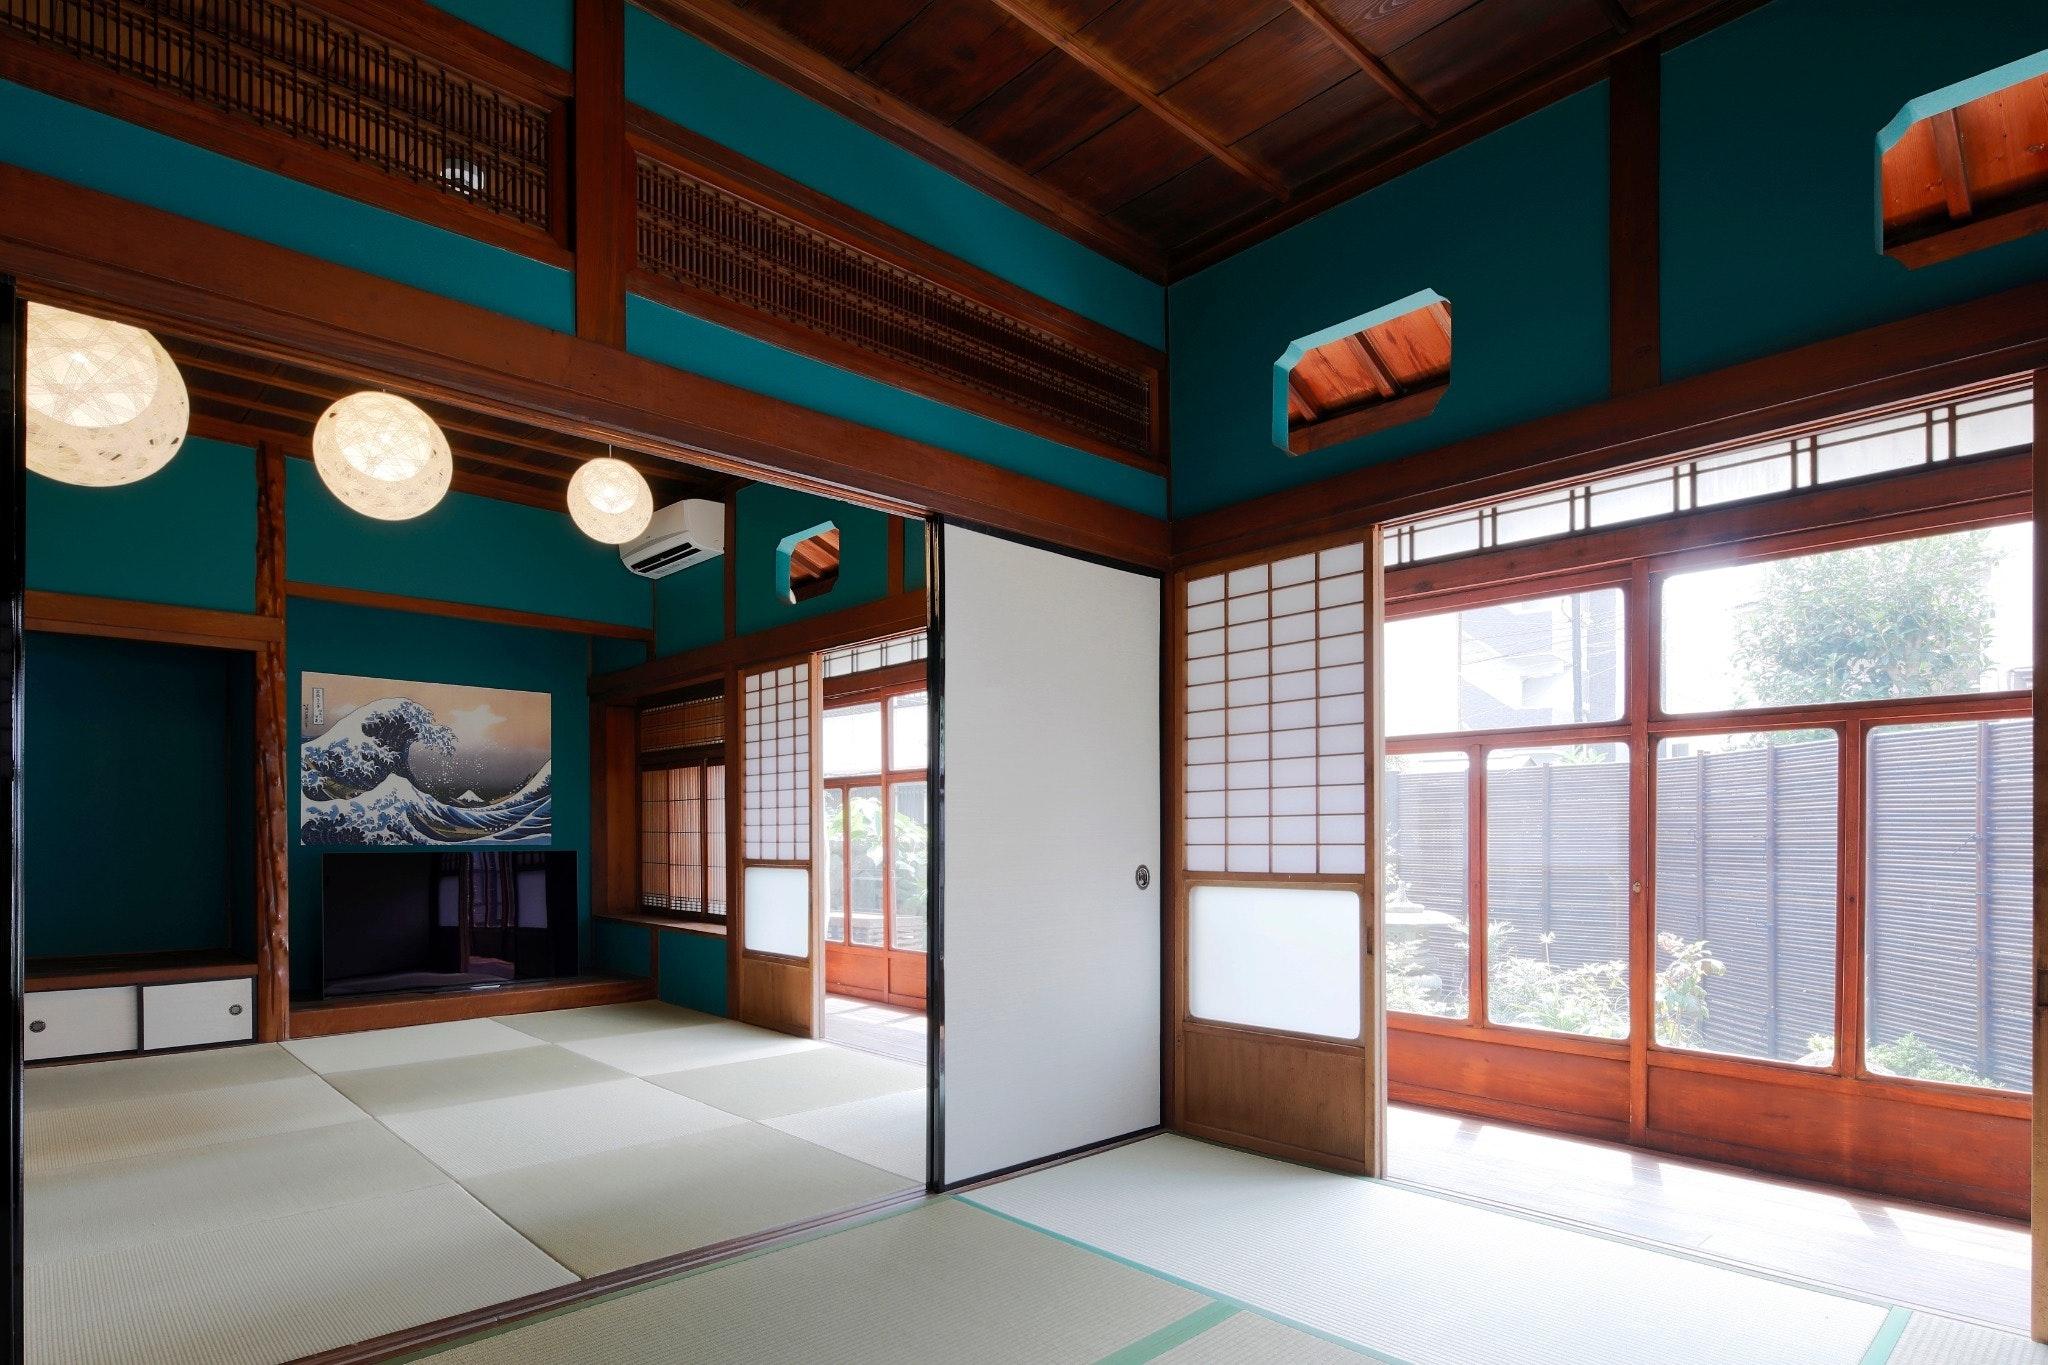 別府駅から徒歩2分!日本の建物のスタイルを楽しんで頂ける古民家です☆最大6名様/WIFI無料